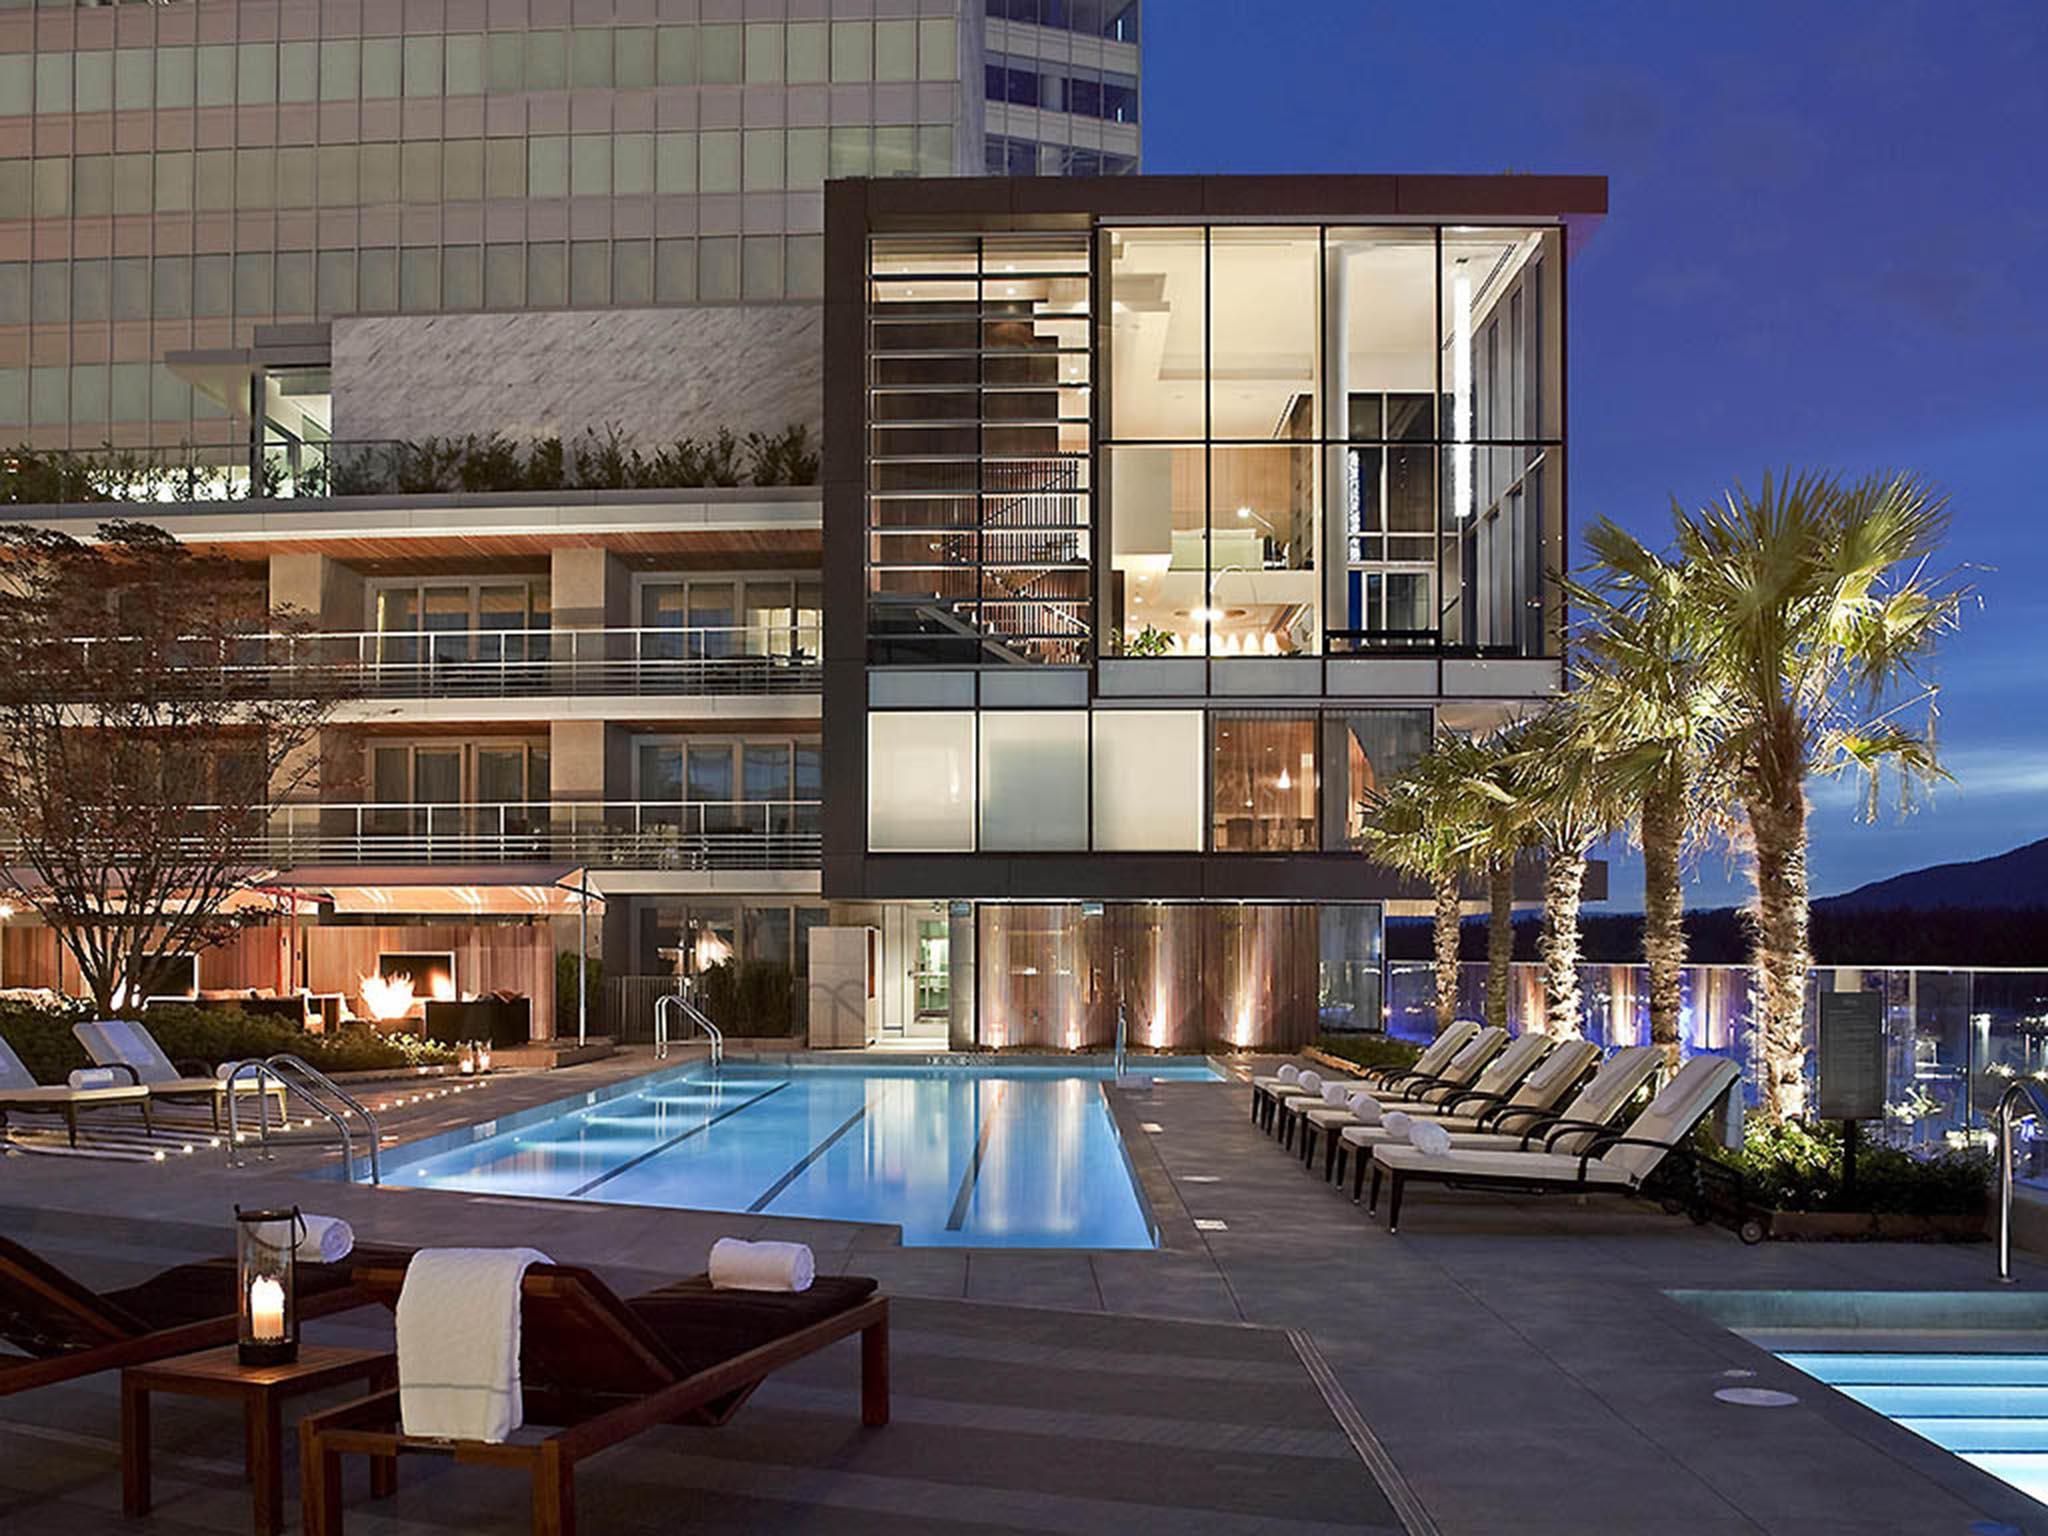 Hotel – Fairmont Pacific Rim